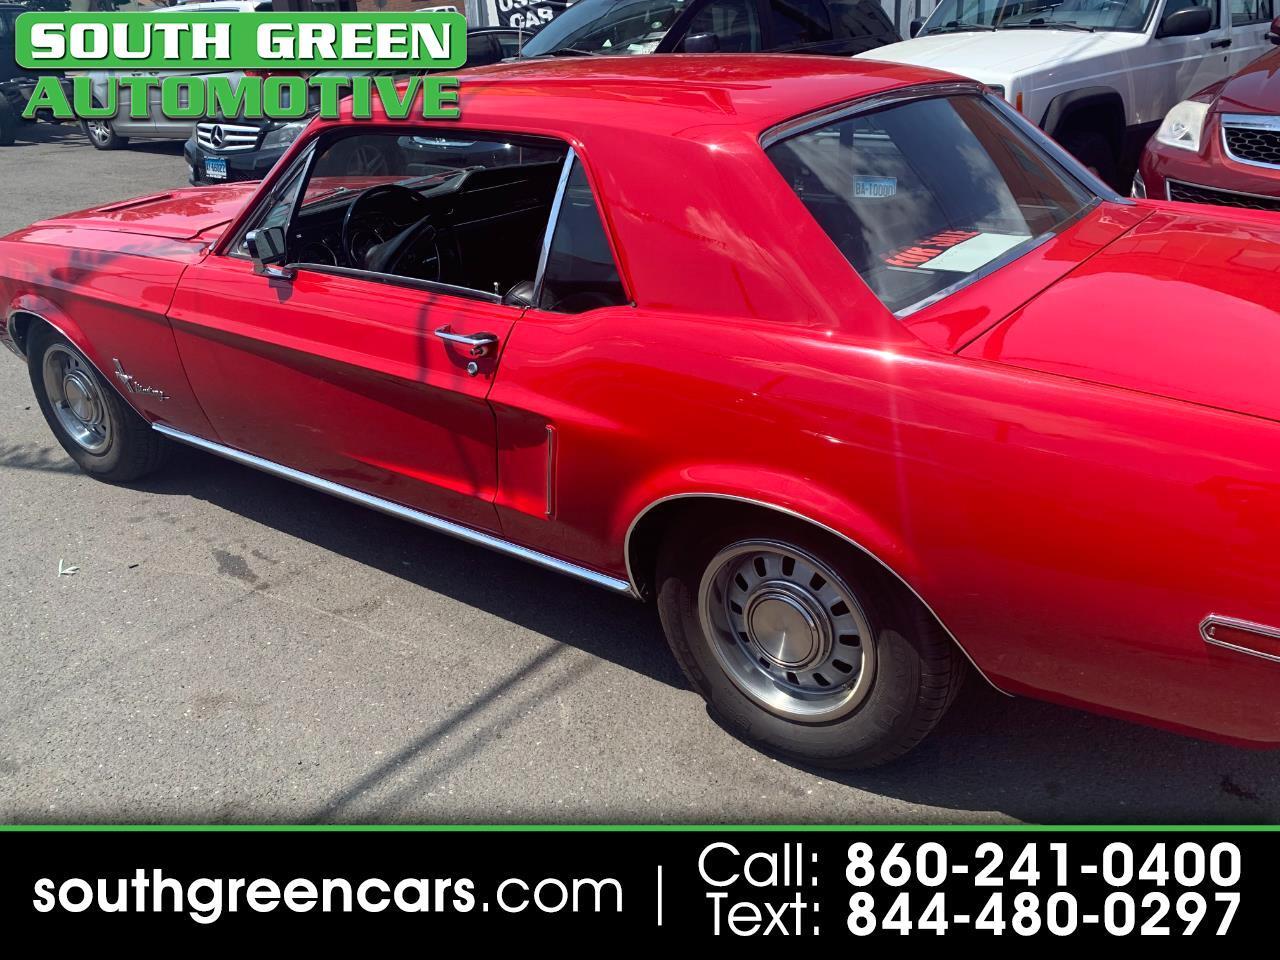 Ford Mustang 2-Door Hatchback 1968